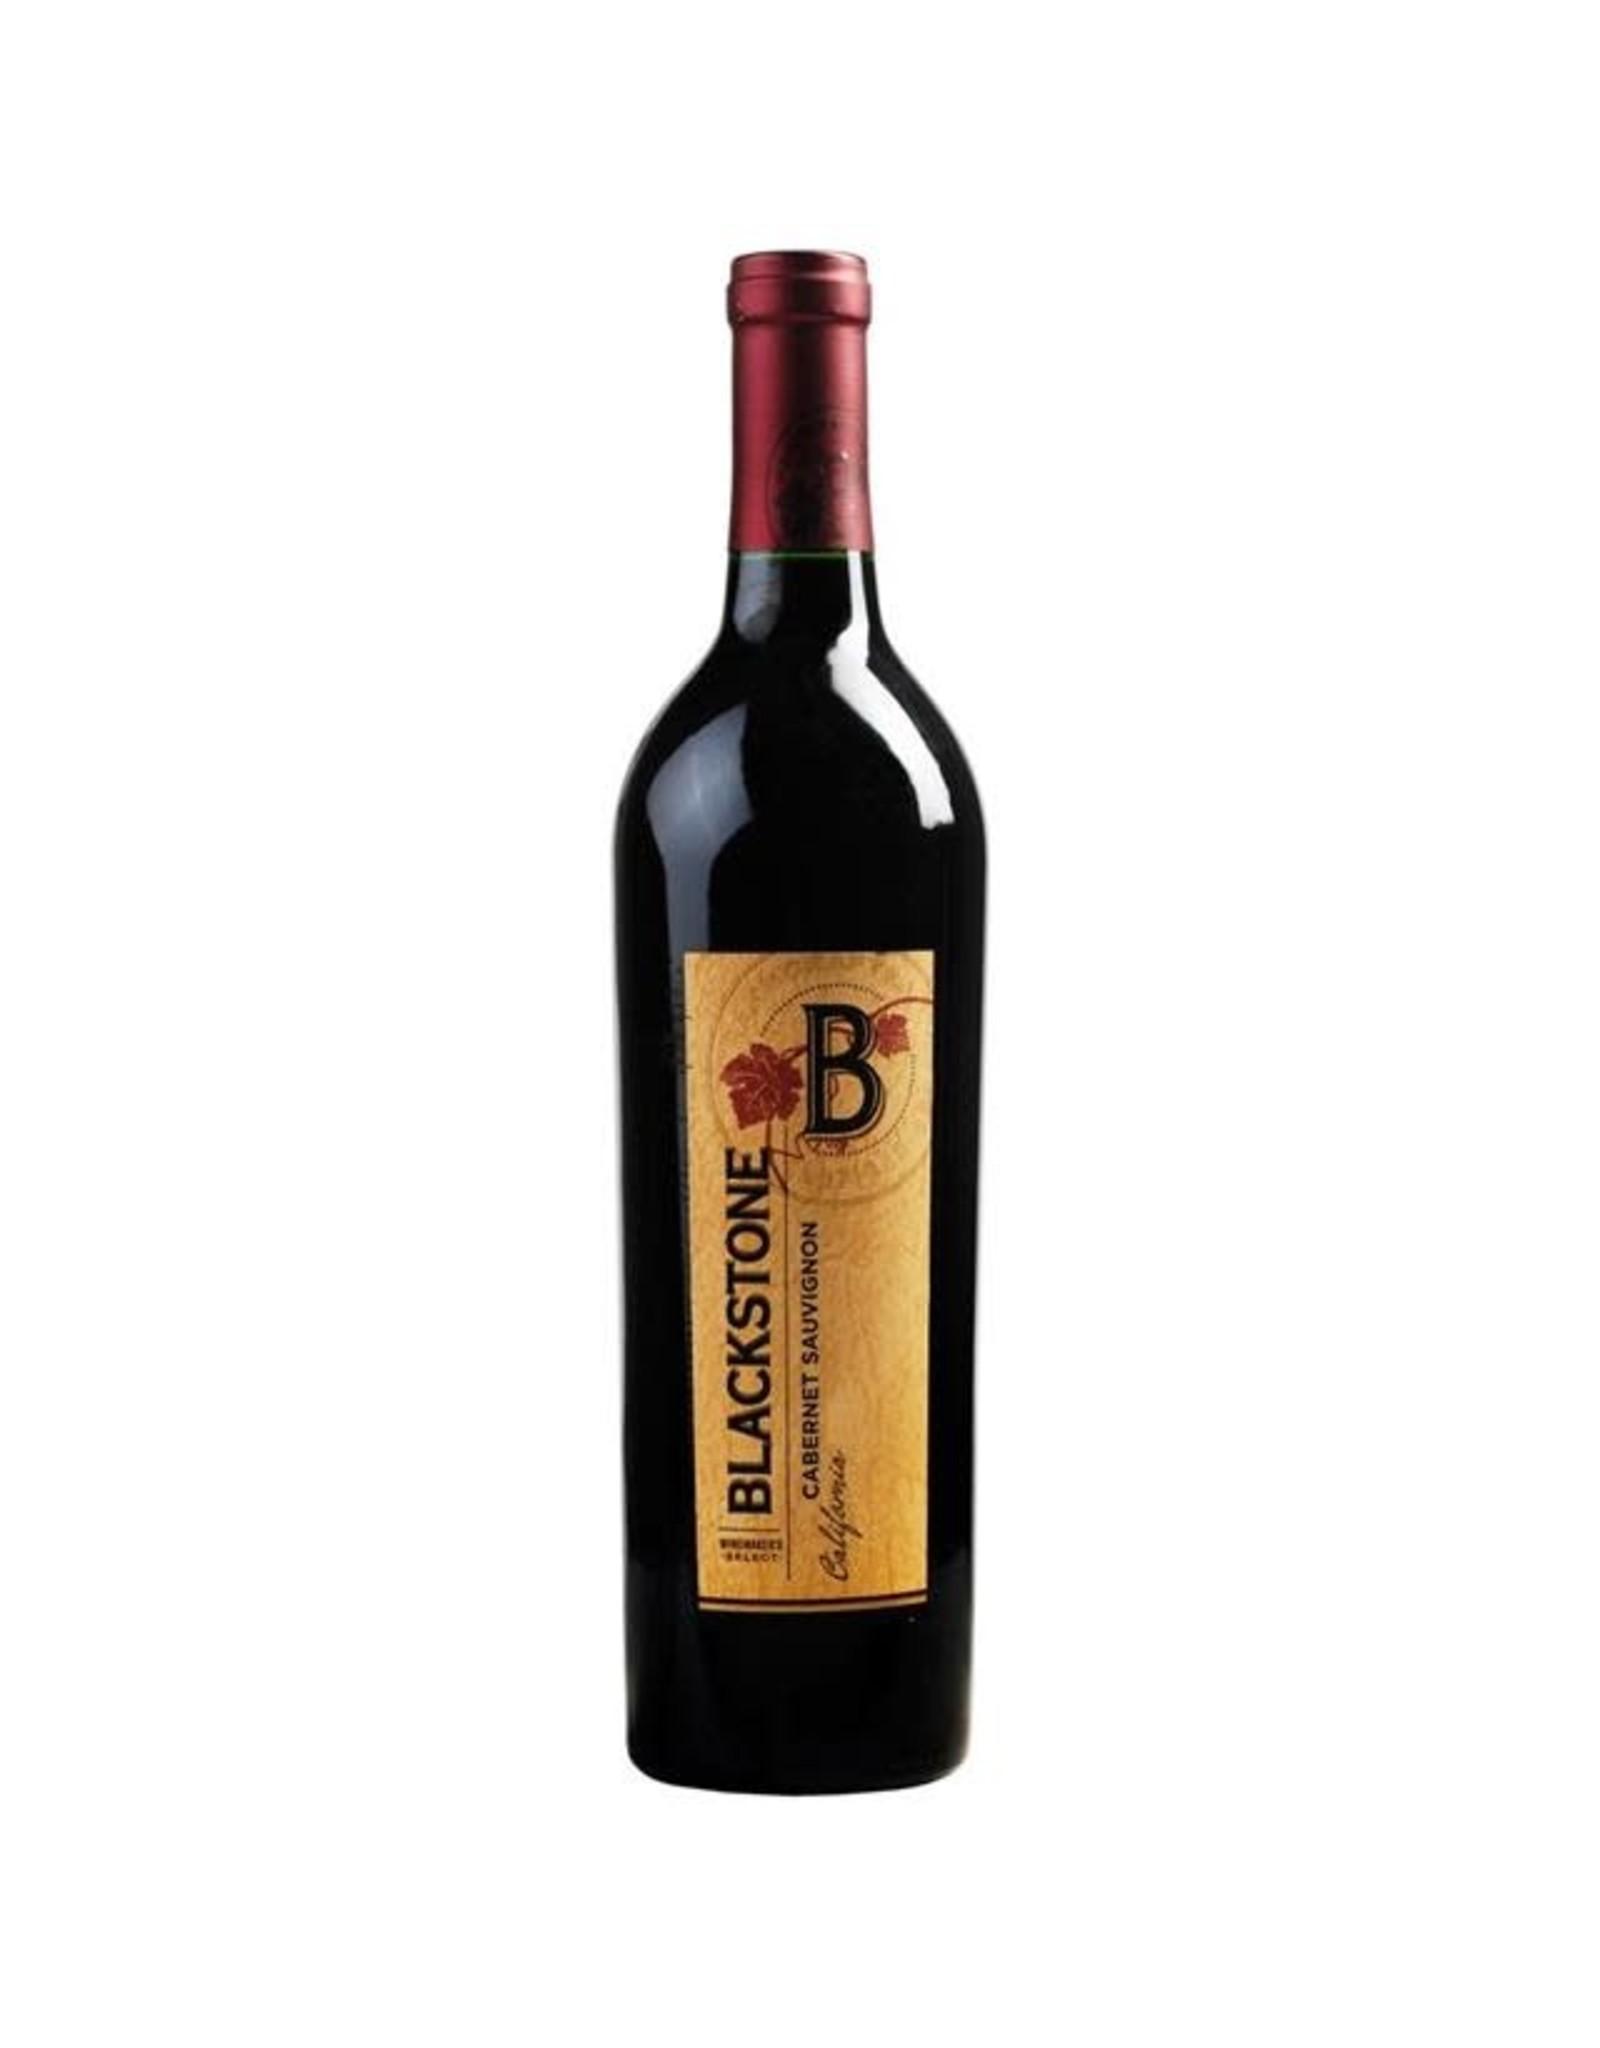 BLACKSTONE CABERNET SAUVIGNON 2011 750ML